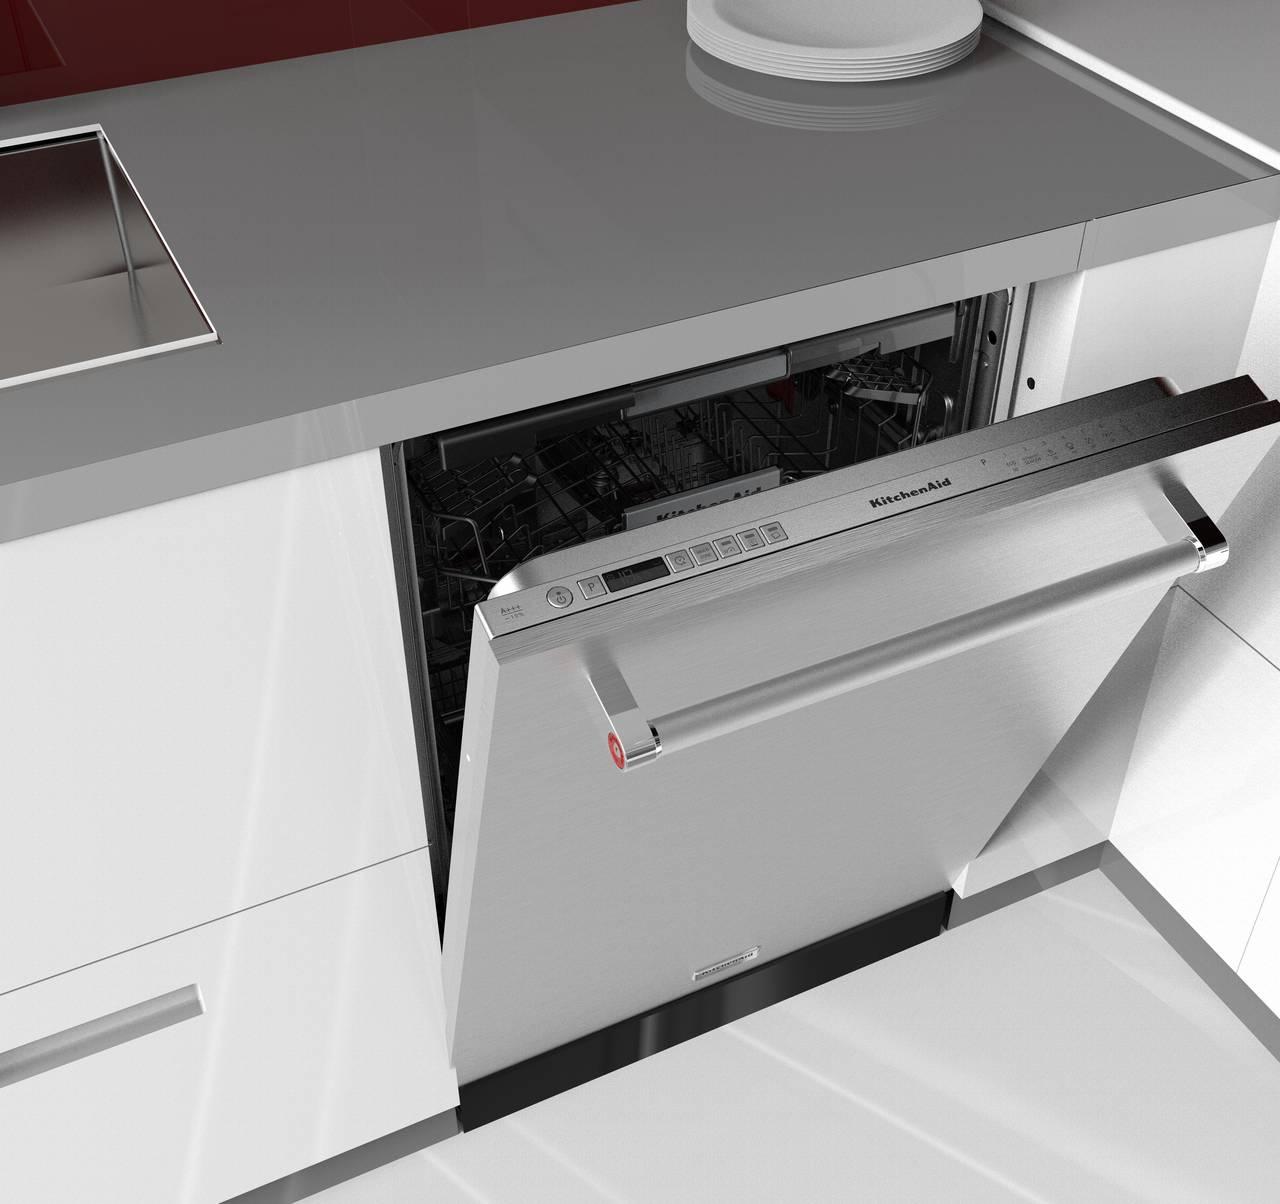 Elettrodomestici ad alto valore for Kitchenaid lavastoviglie